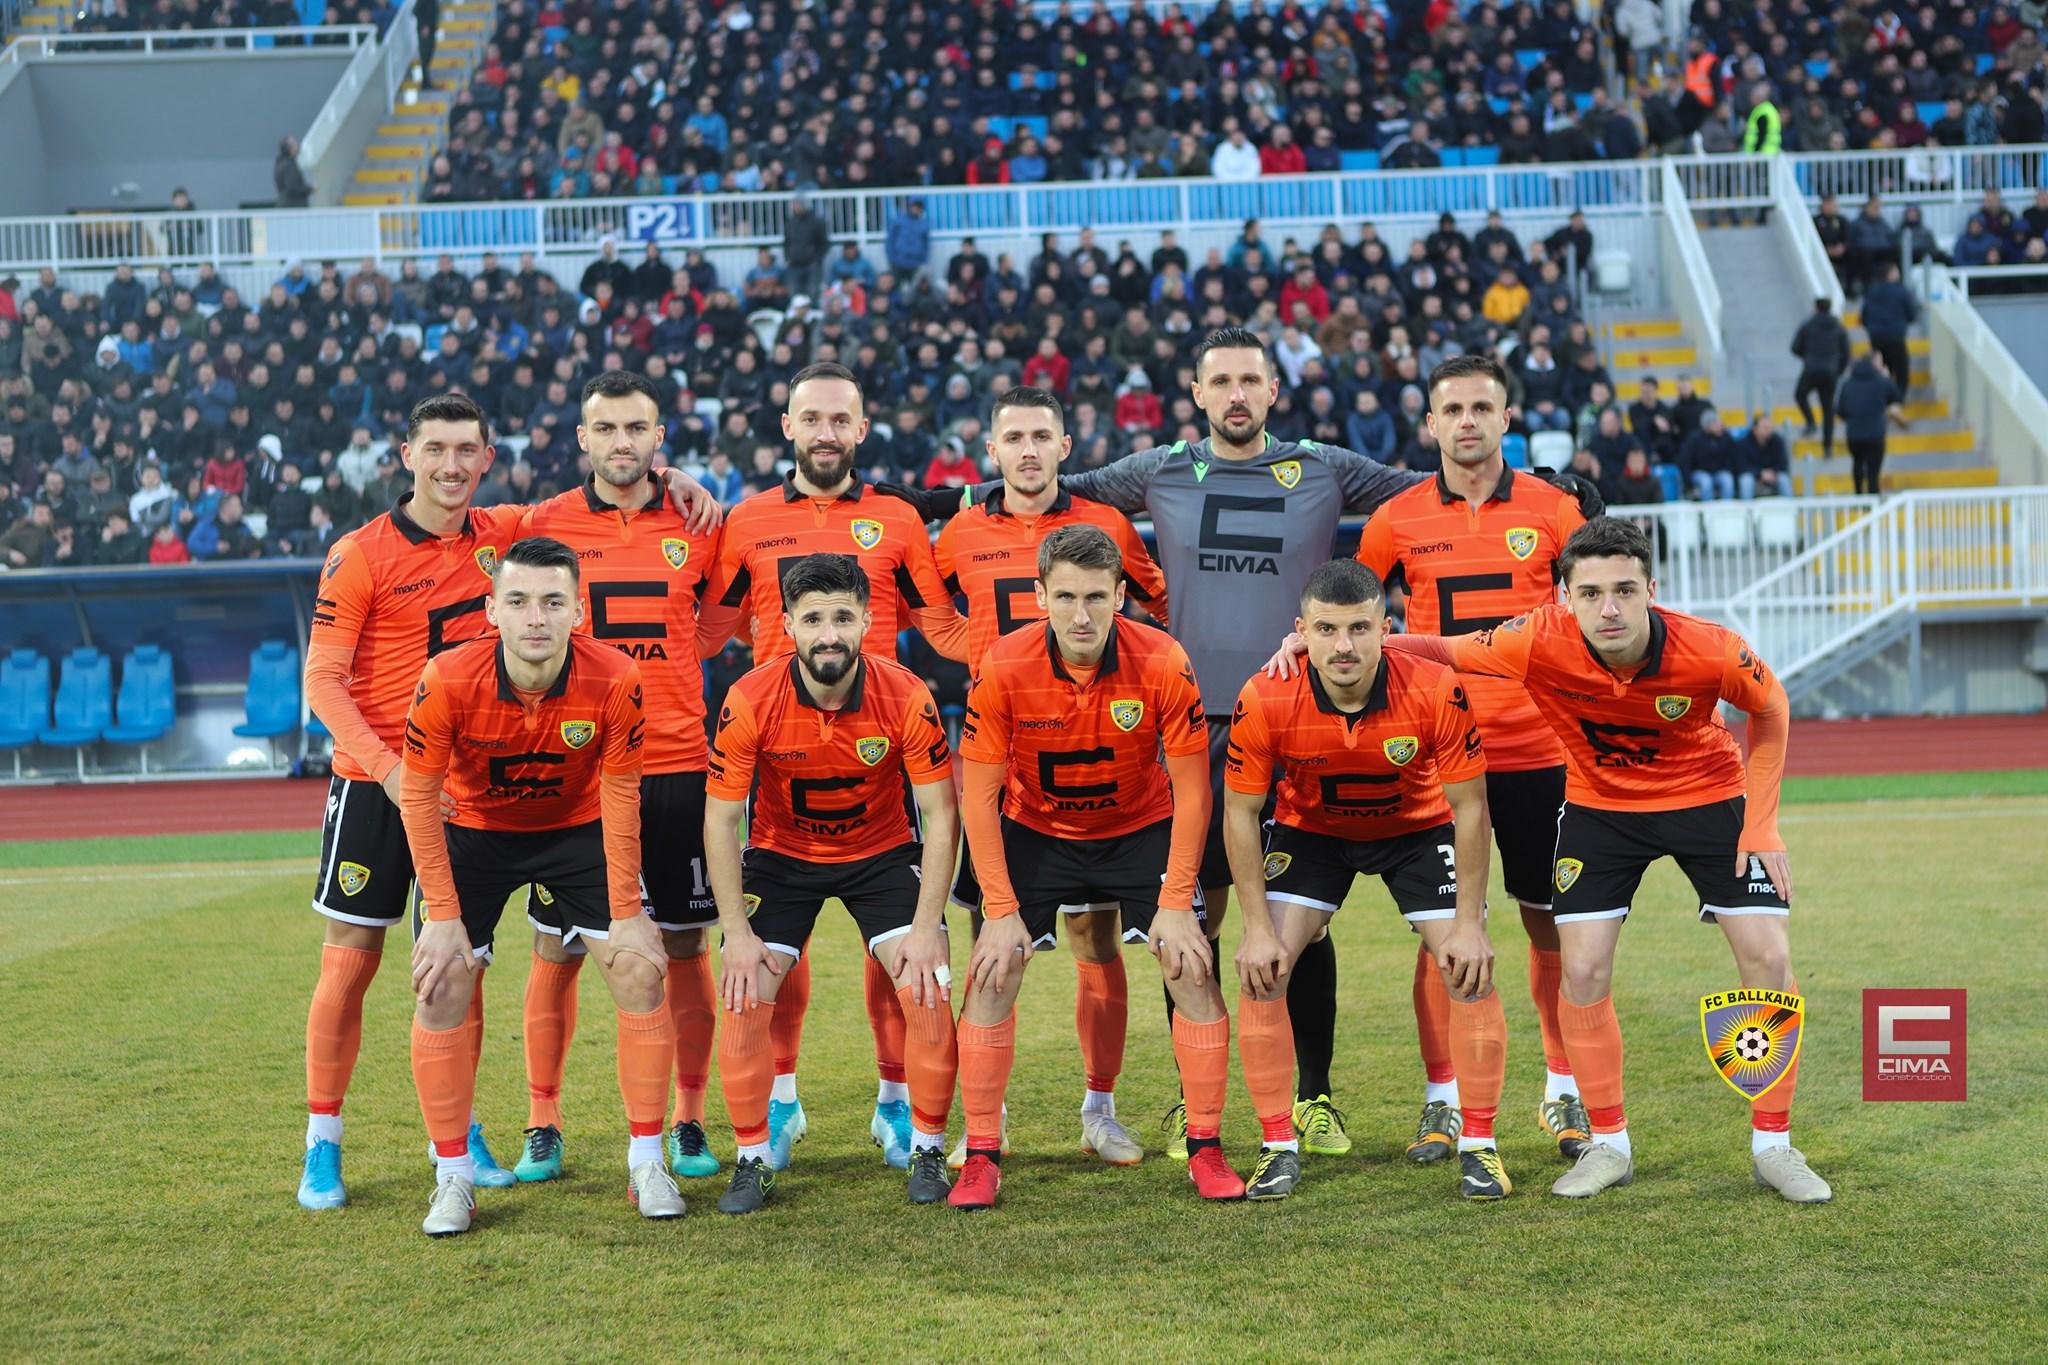 Pas ndeshjes me Prishtinën, reagon Ballkani, kërkon të angazhohen gjyqtarë të huaj